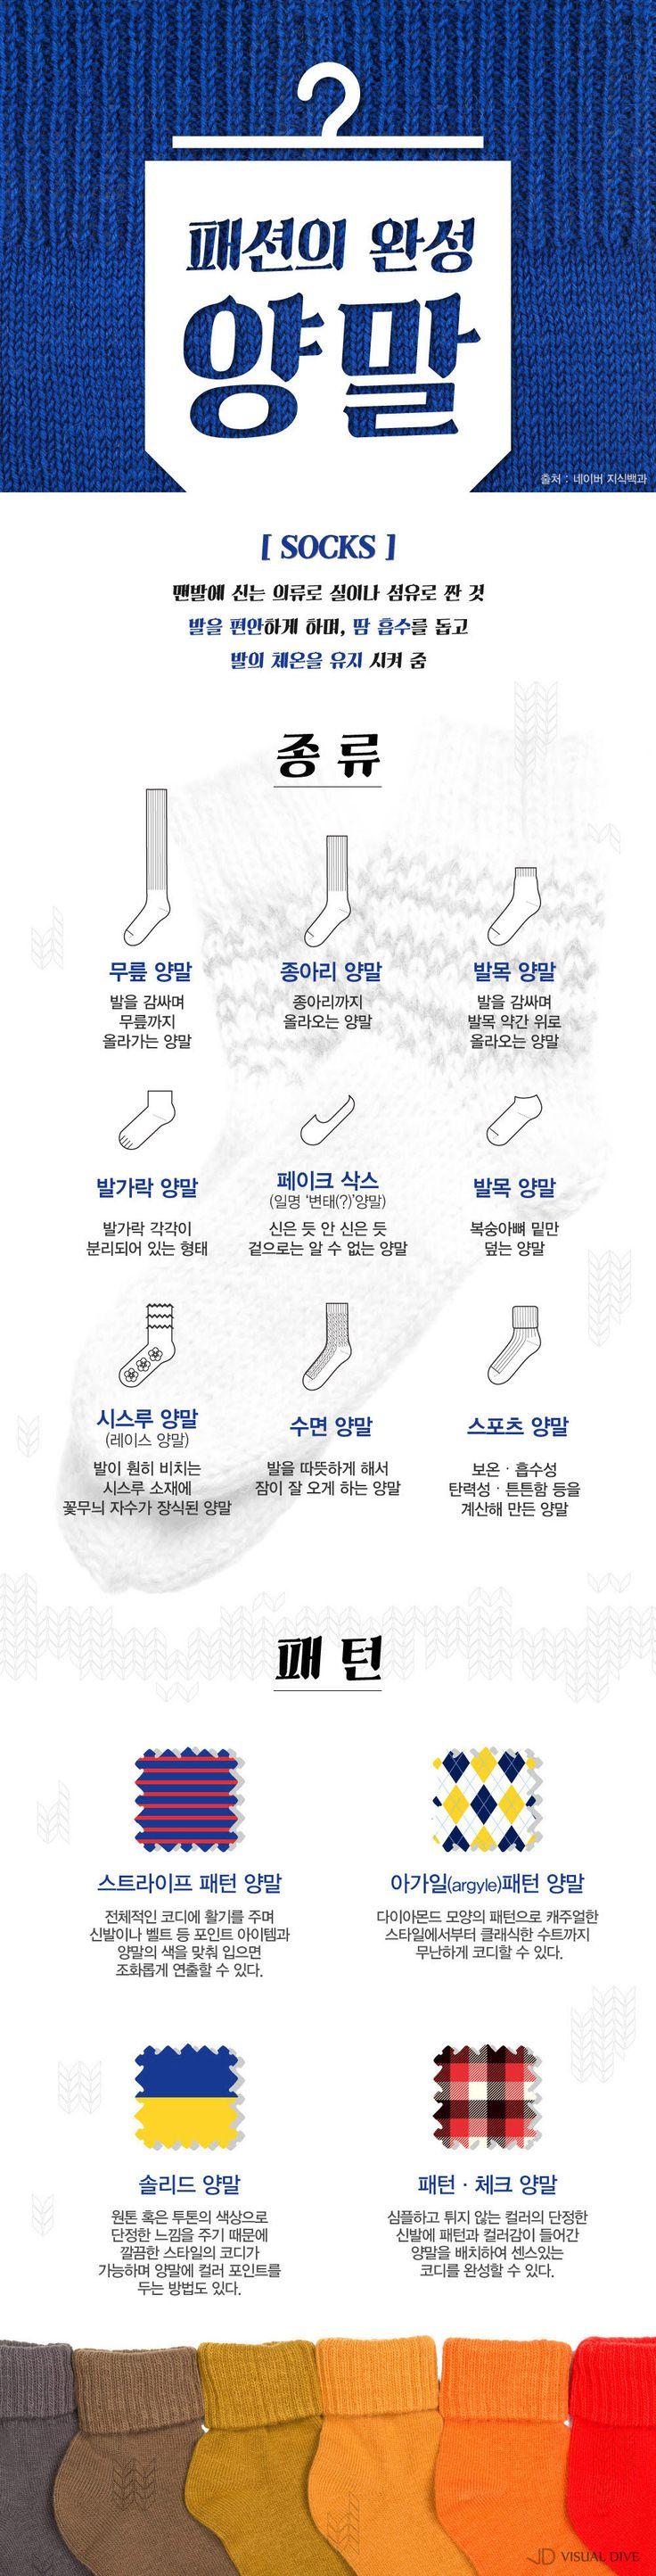 '양말' 발끝에서 완성하는 패션의 화룡점정 [인포그래픽] #Fashion / #Infographic ⓒ 비주얼다이브 무단 복사·전재·재배포 금지